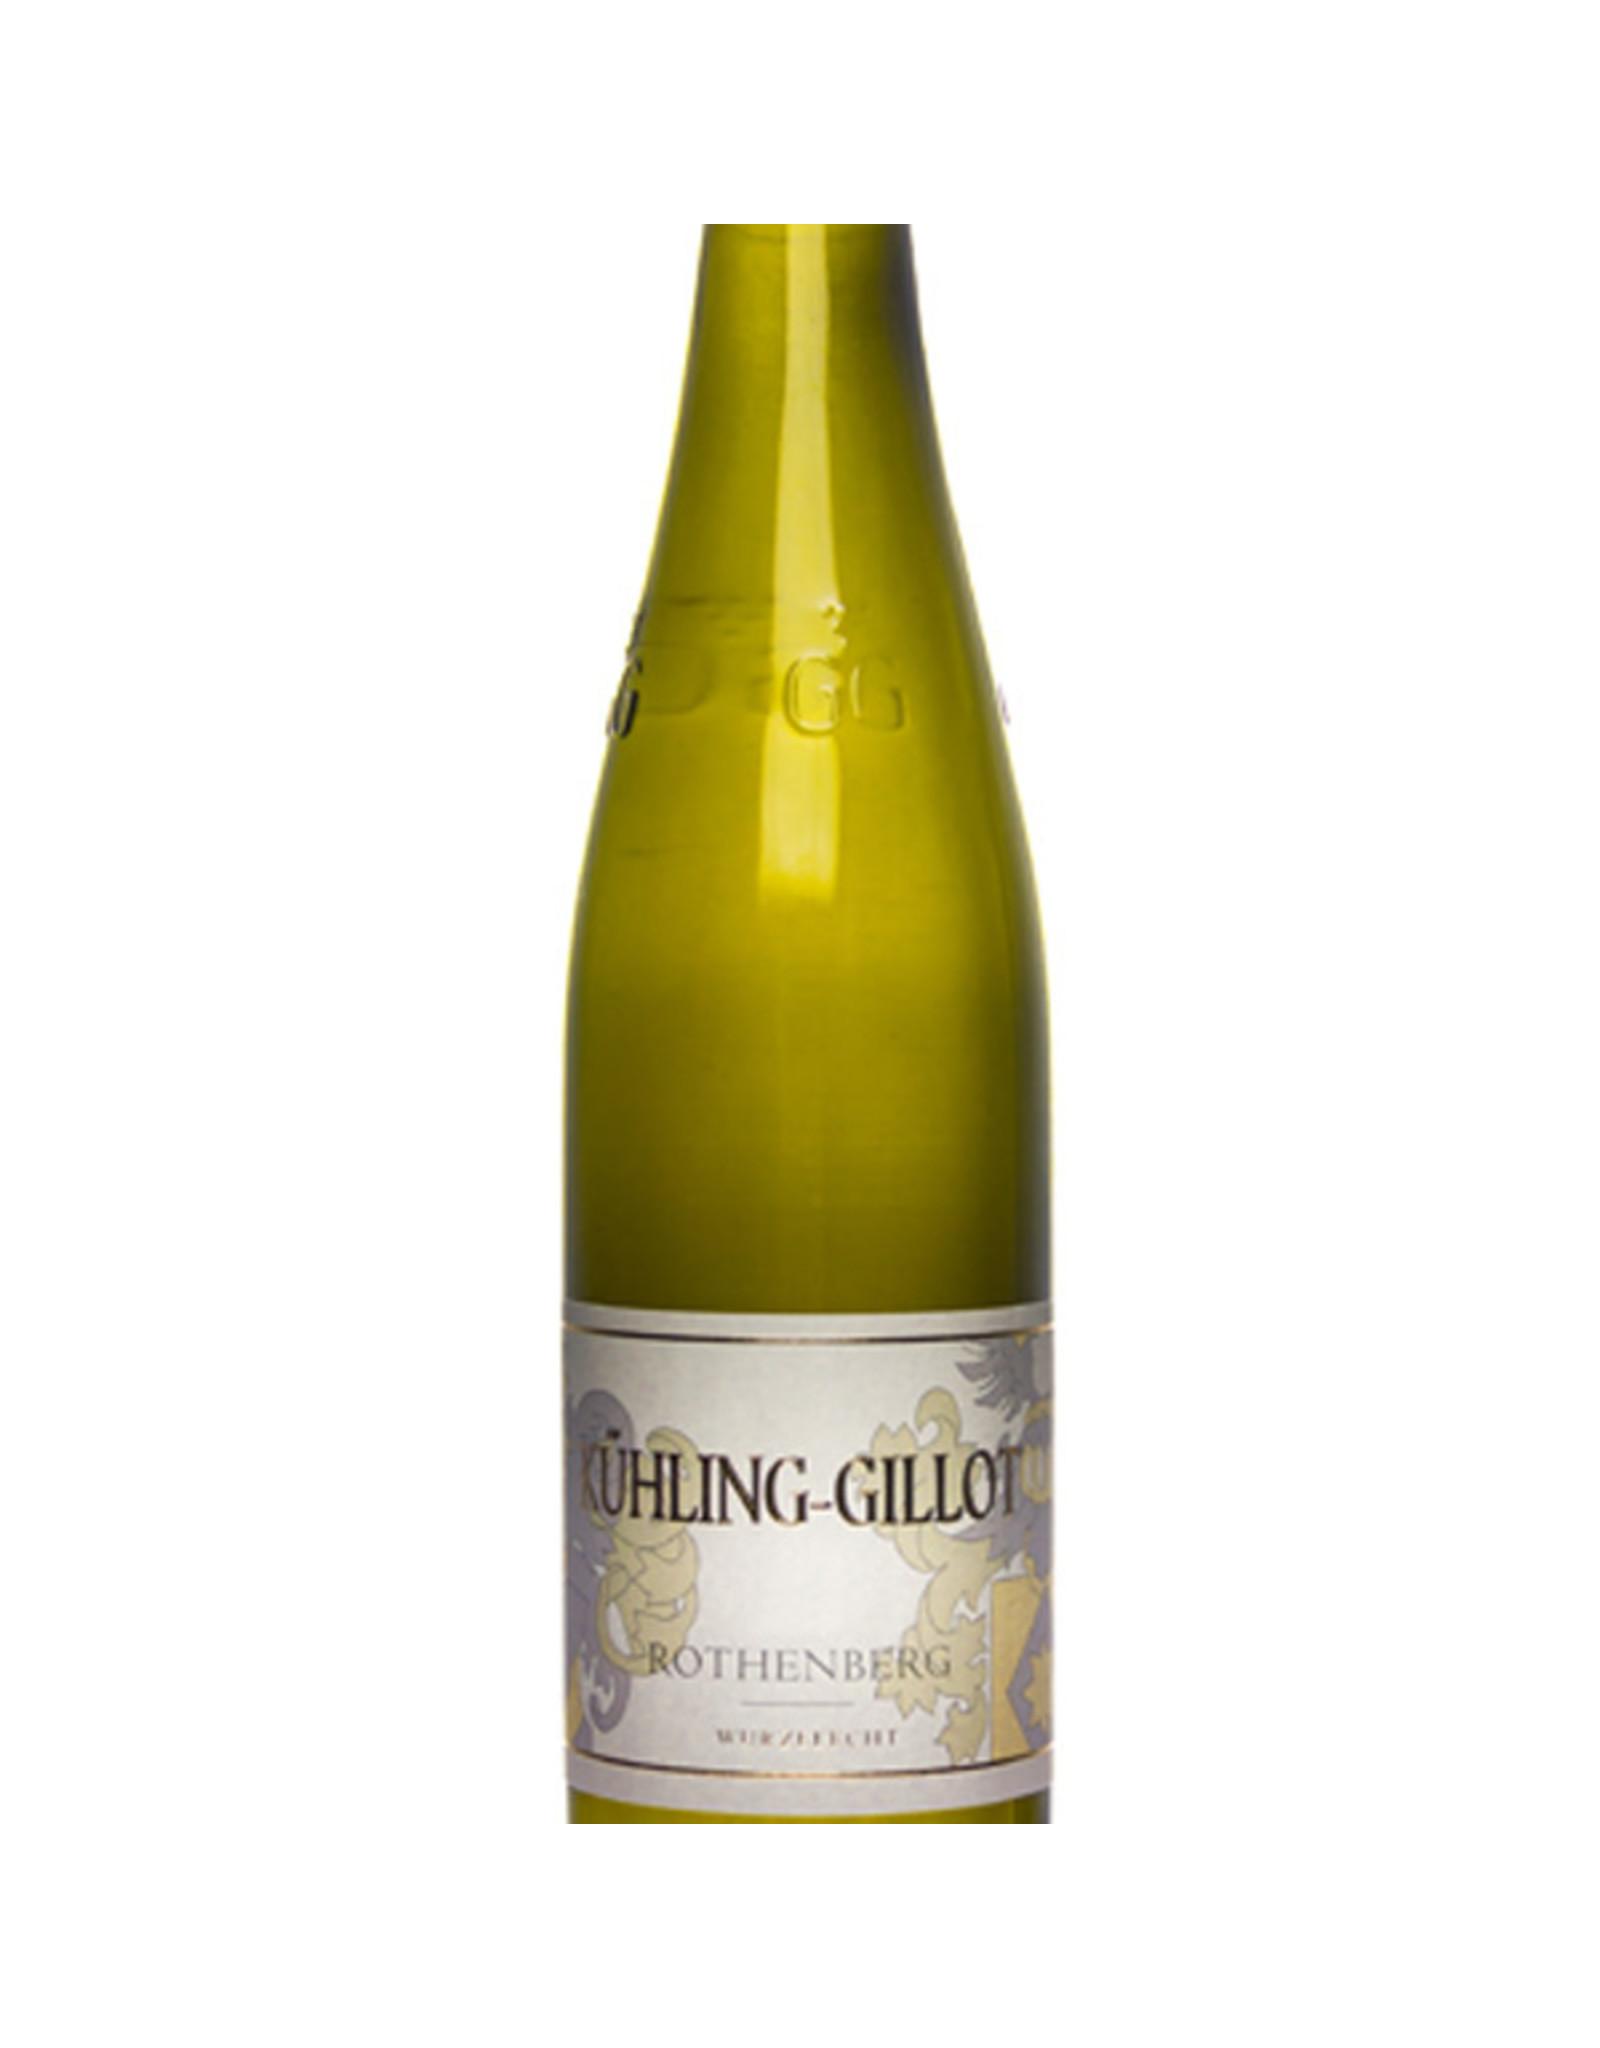 Weingut Kühling-Gillot, Bodenheim Kuhling Gillot Rothenberg GG 2016 Magnum